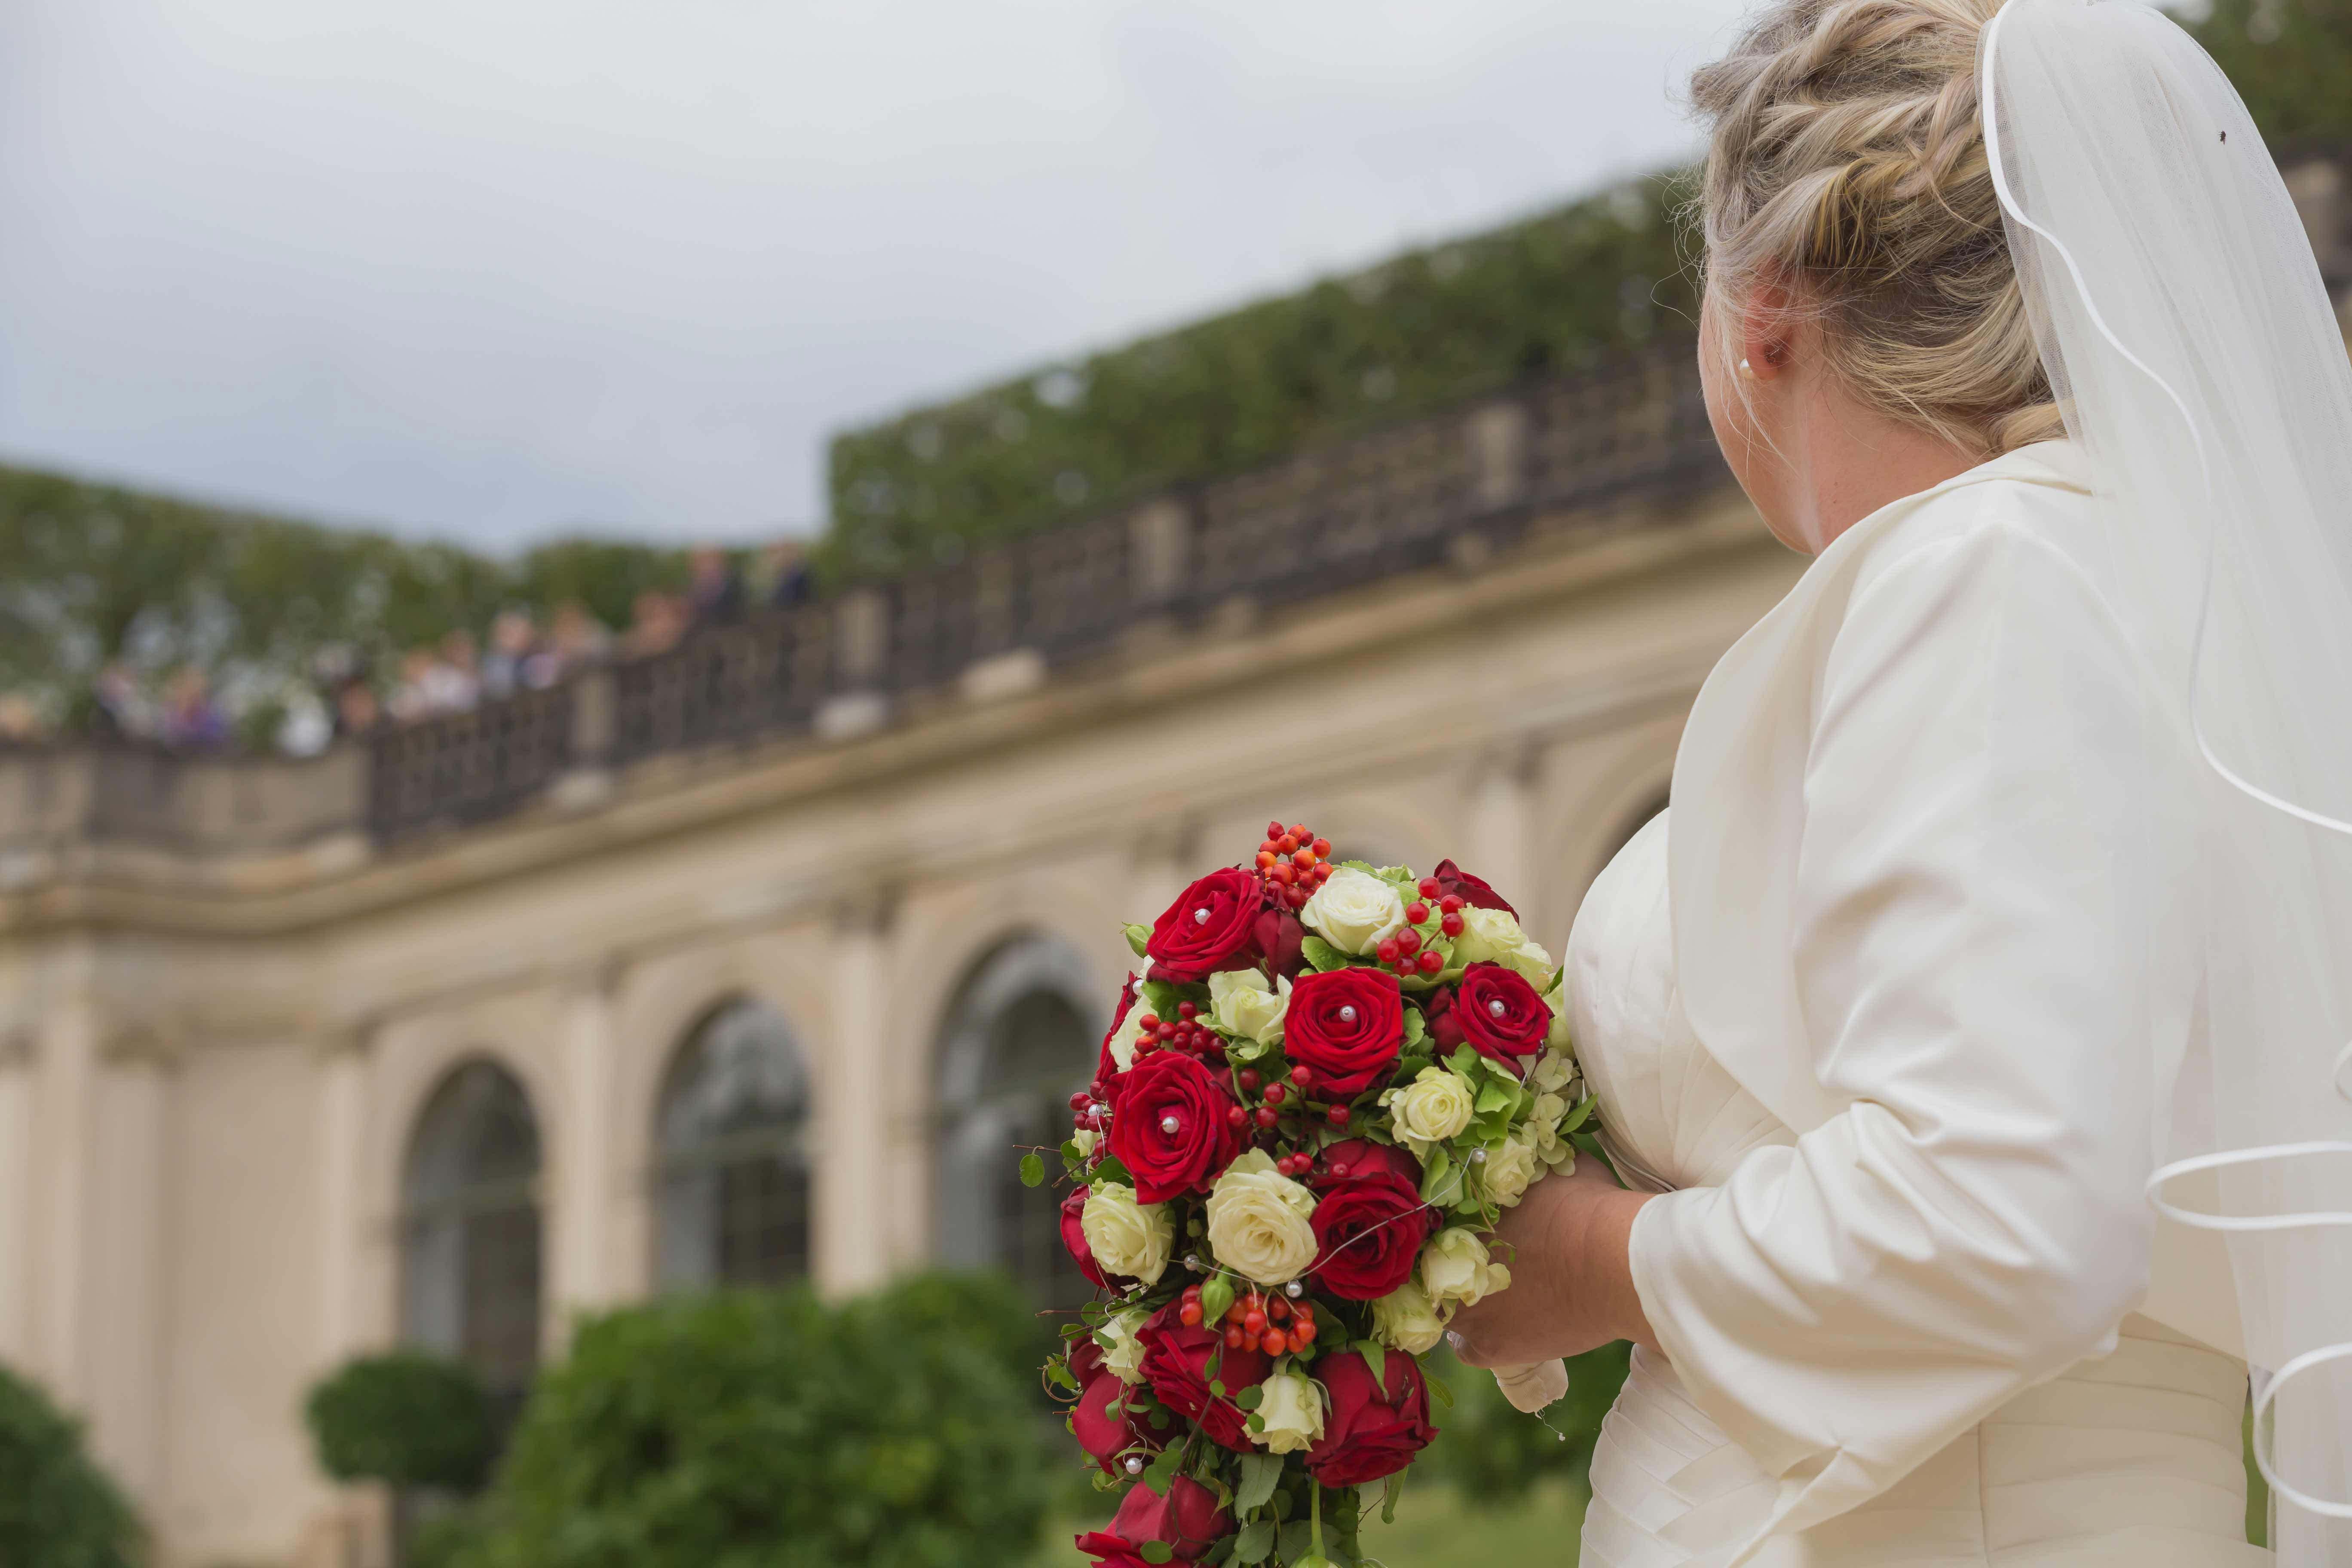 Hochzeitsfotograf Dresden - Fotoshooting